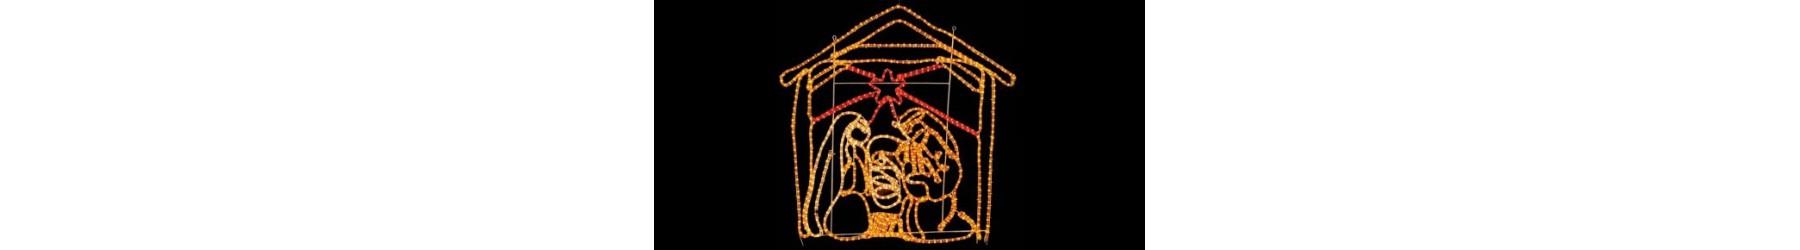 Χριστουγεννιάτικα φωτιζόμενα σχέδια διακόσμησης